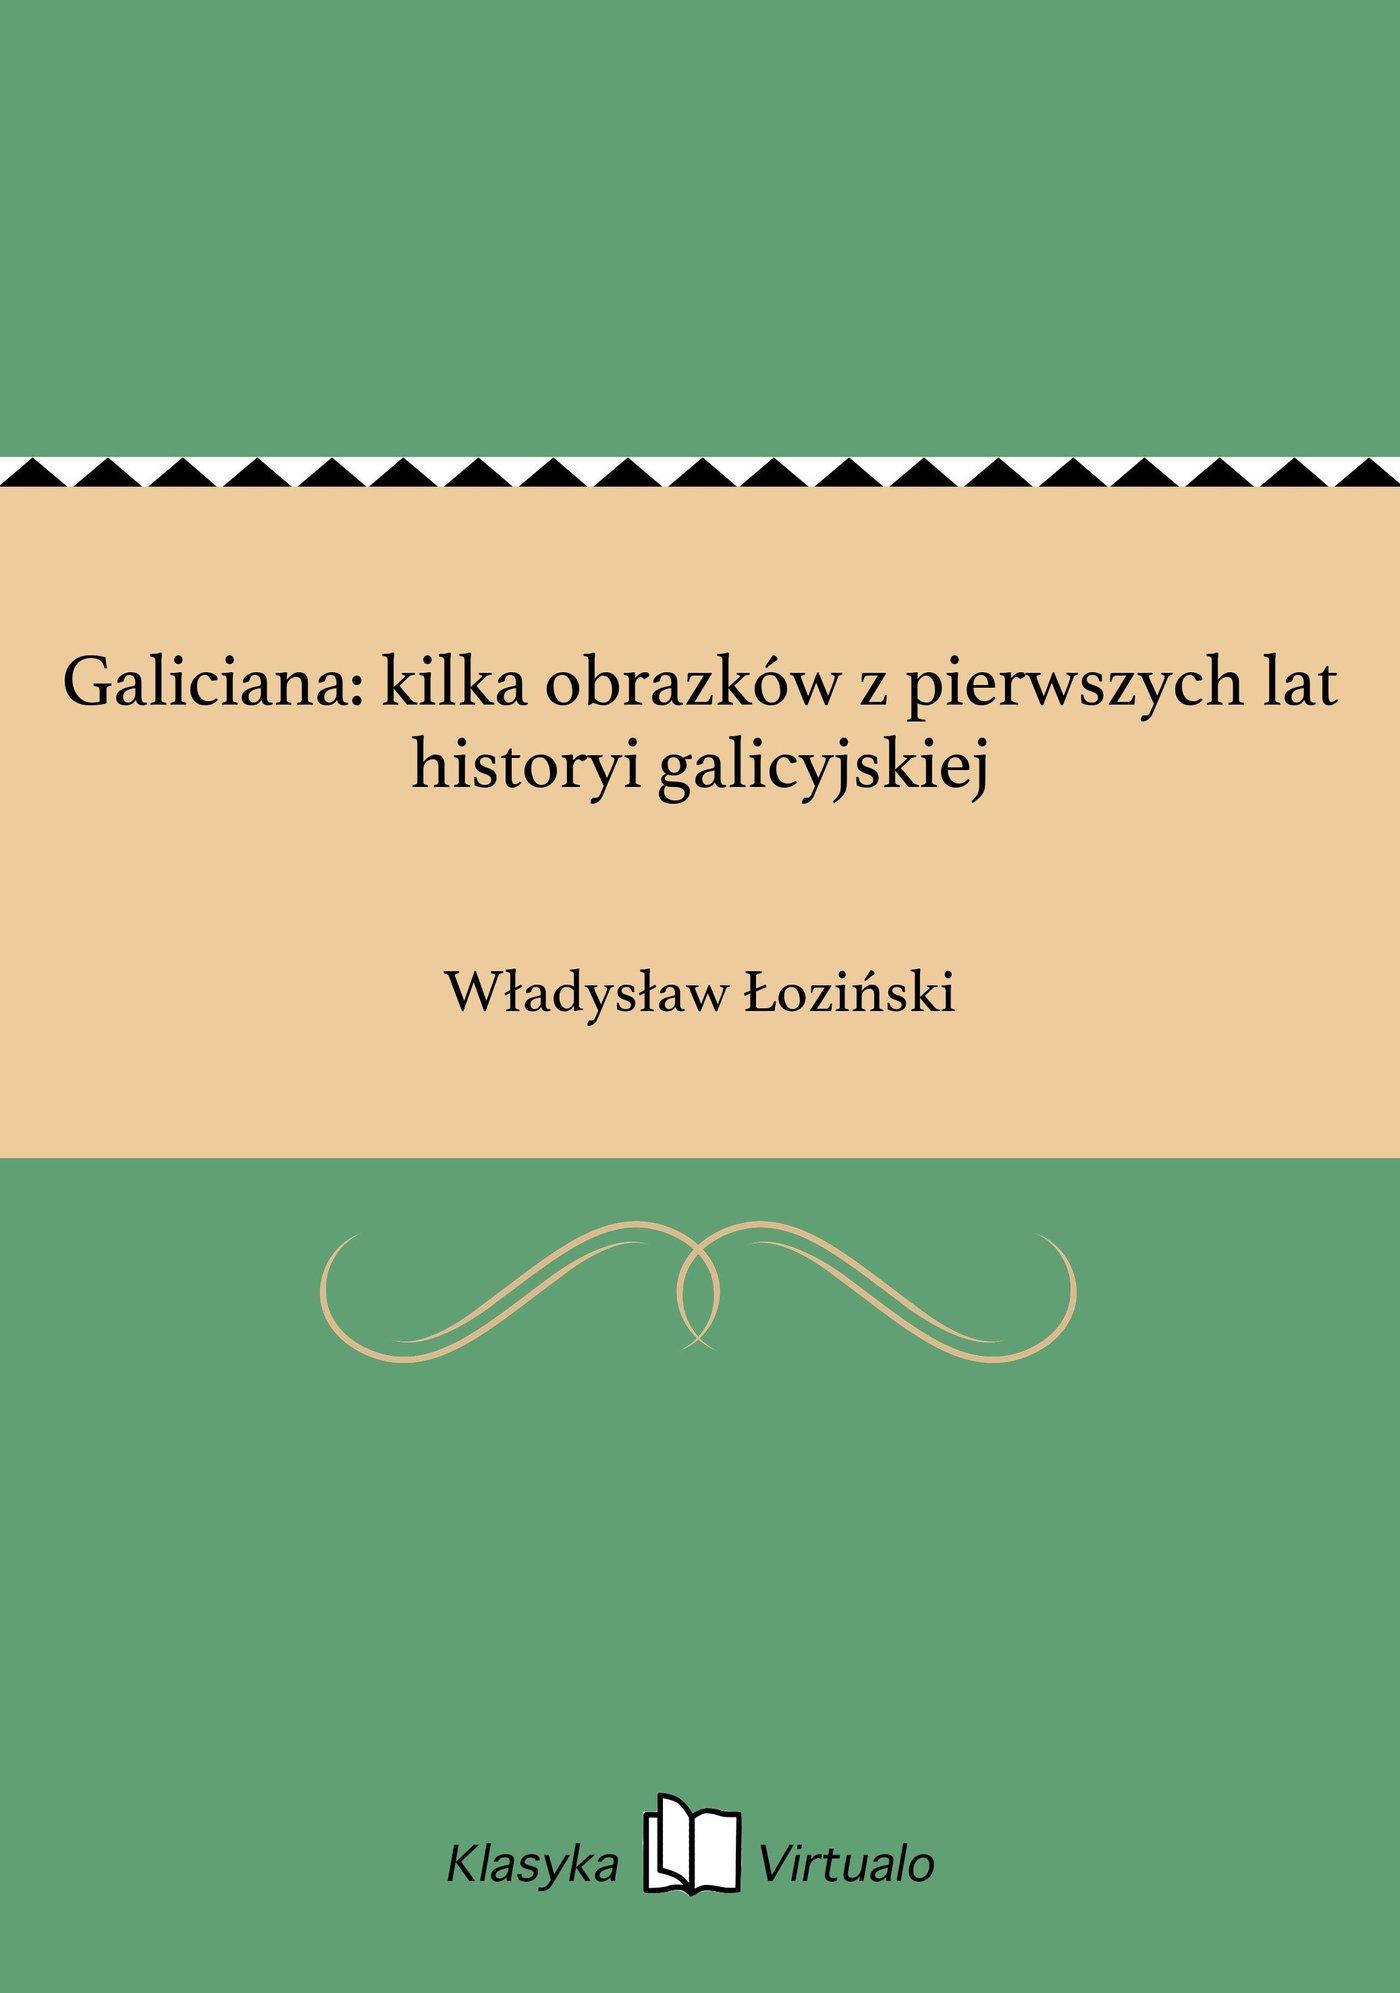 Galiciana: kilka obrazków z pierwszych lat historyi galicyjskiej - Ebook (Książka na Kindle) do pobrania w formacie MOBI